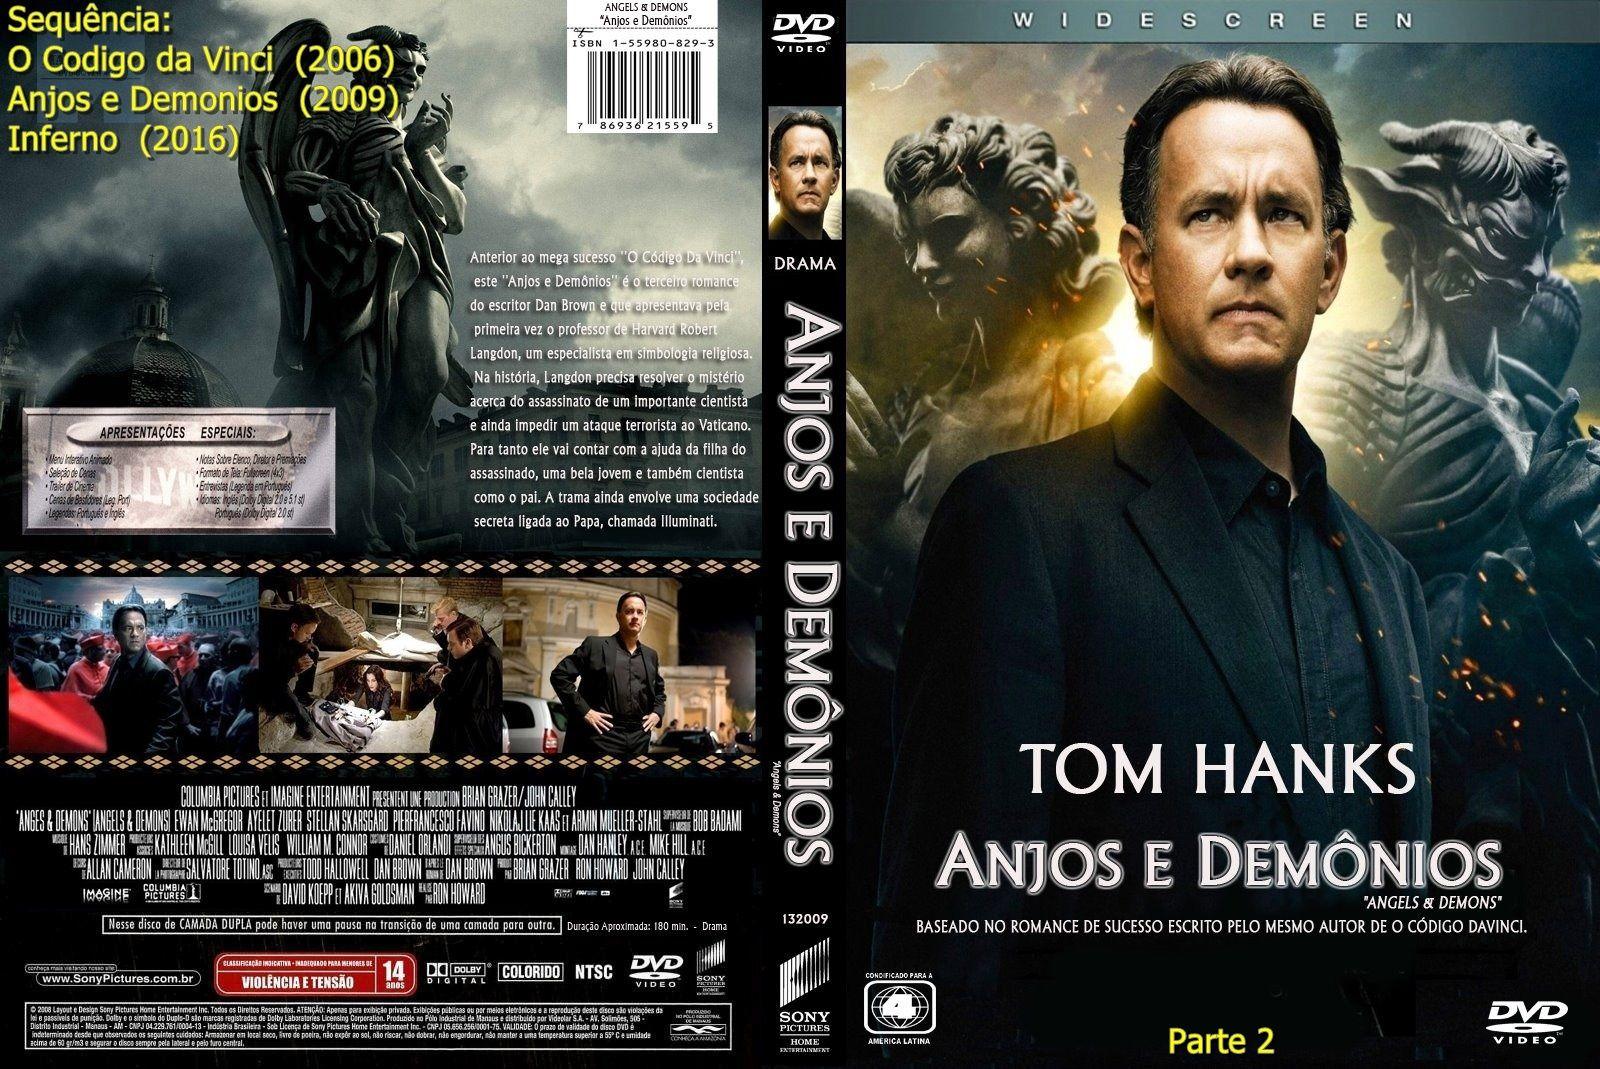 Anjos E Demonios 2009 Anjos E Demonios Capas Dvd Dvd